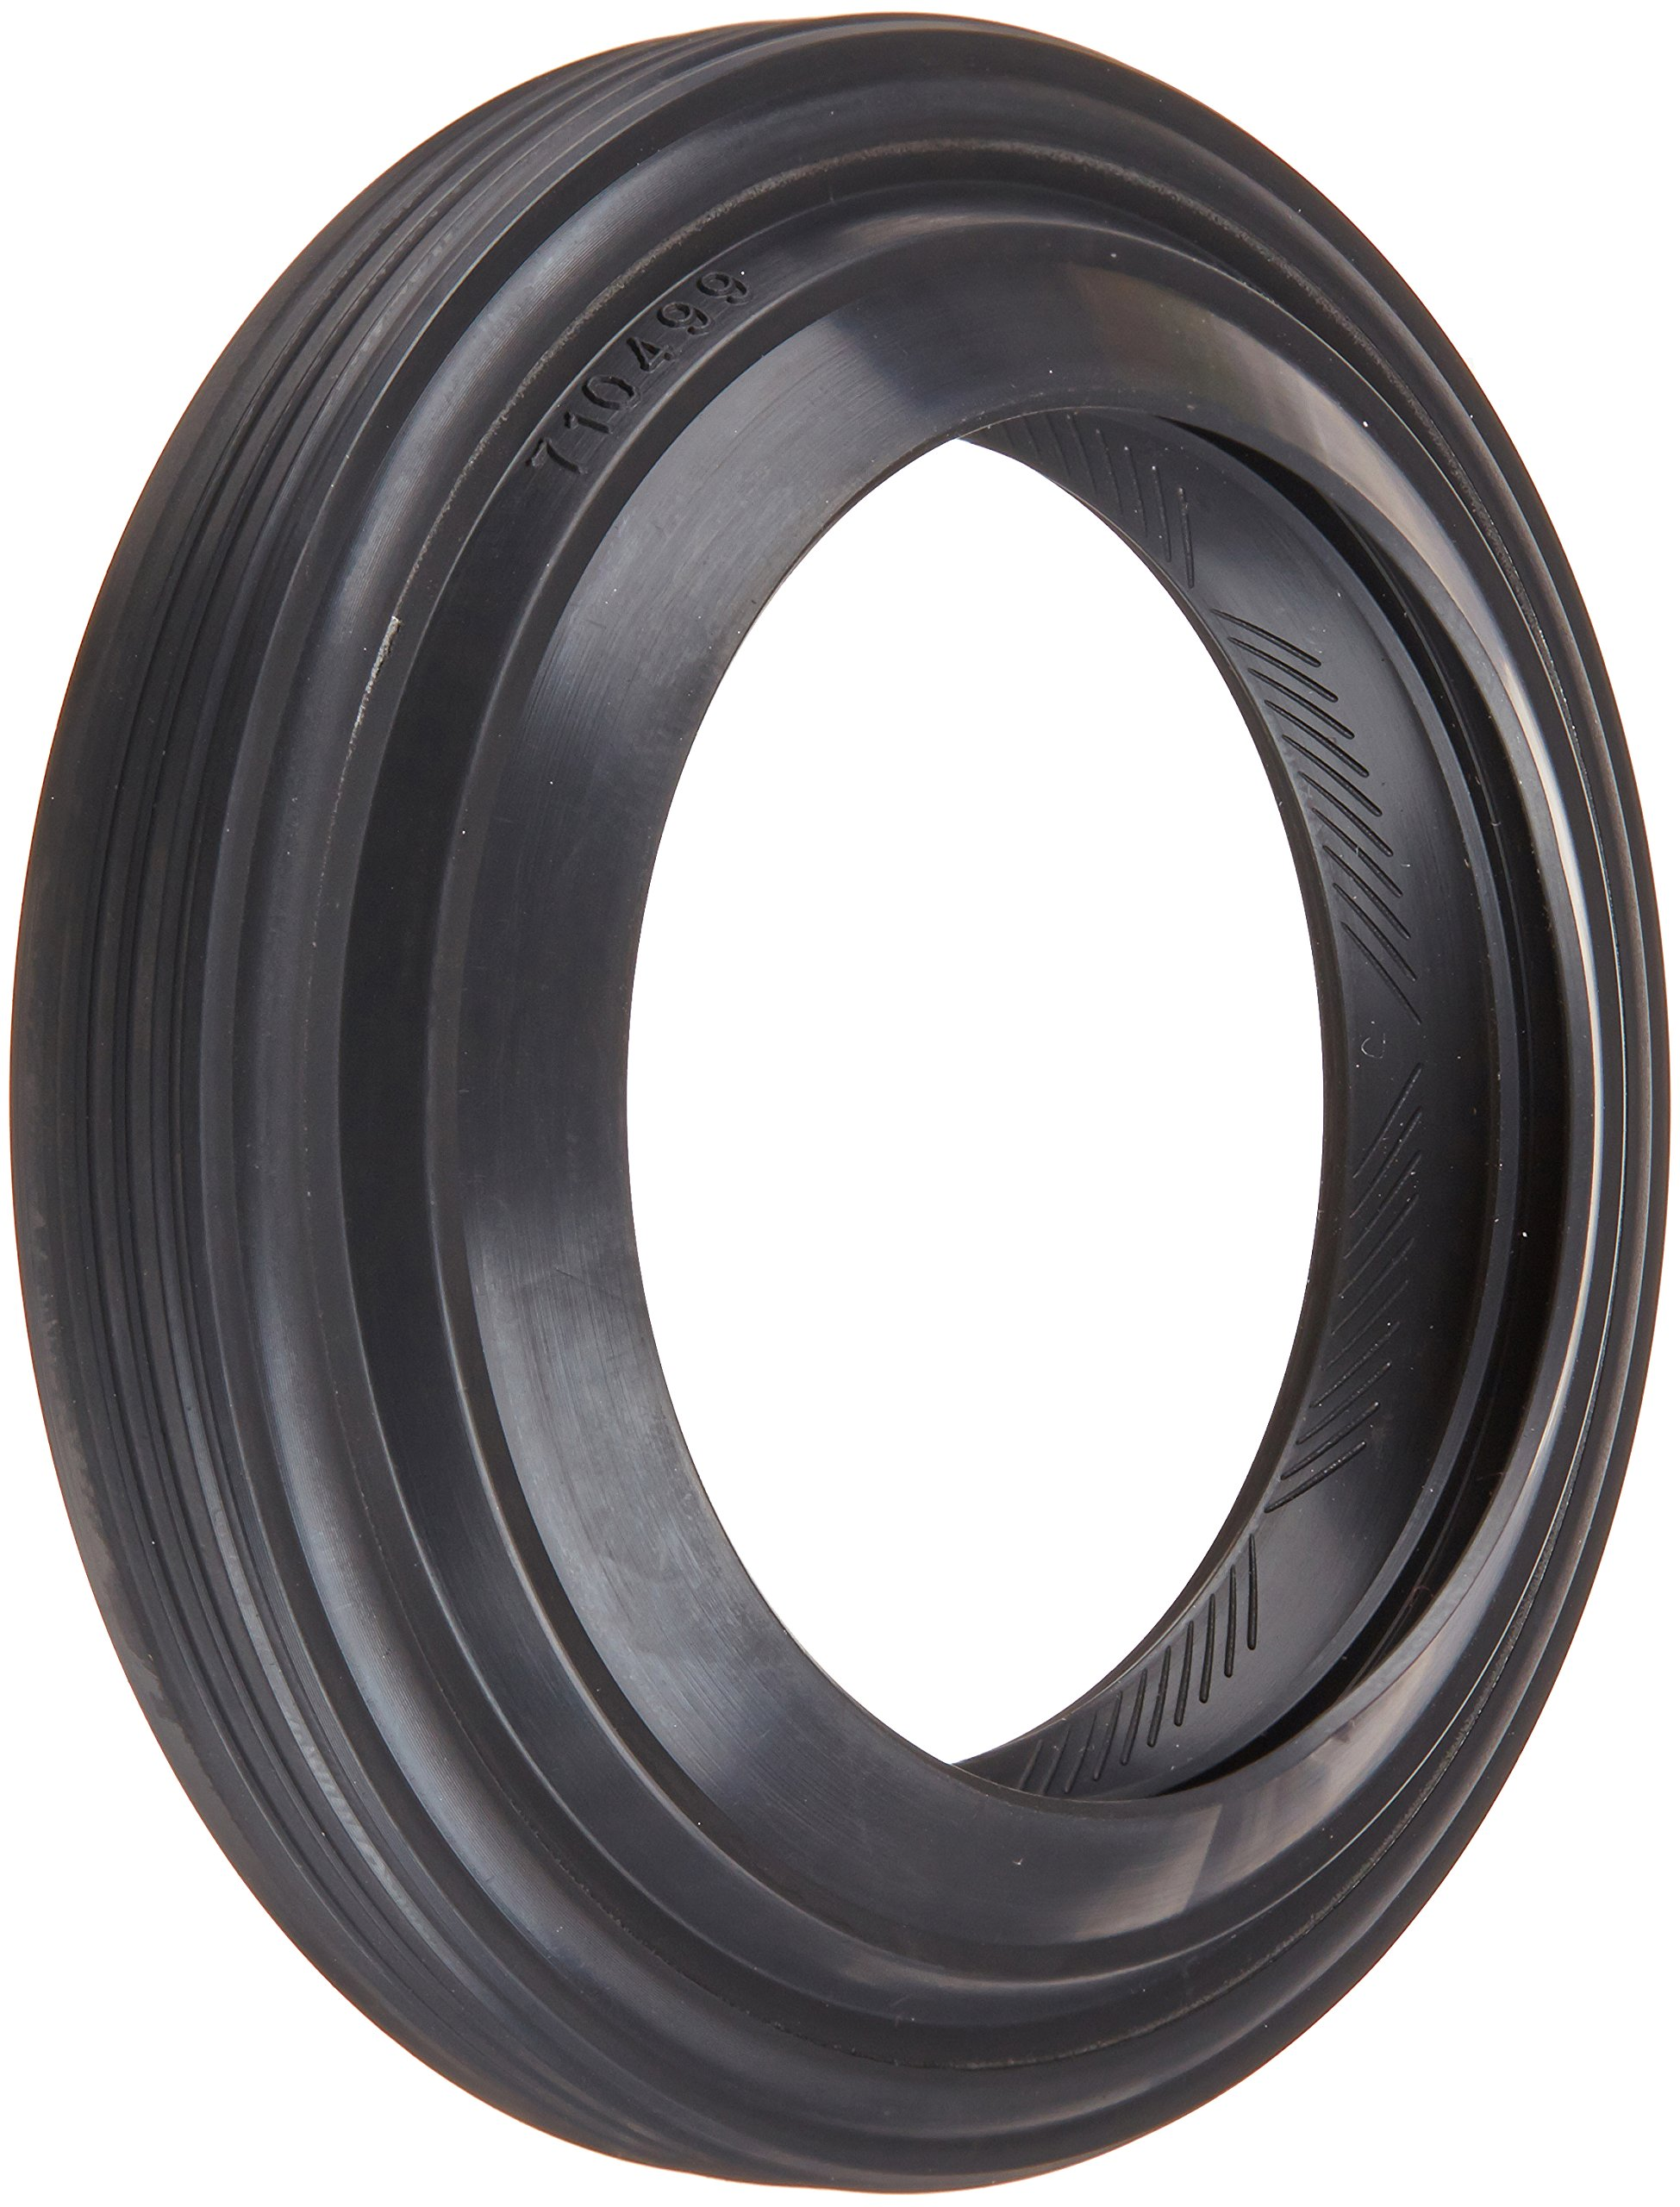 Precision 710499 Wheel Seal